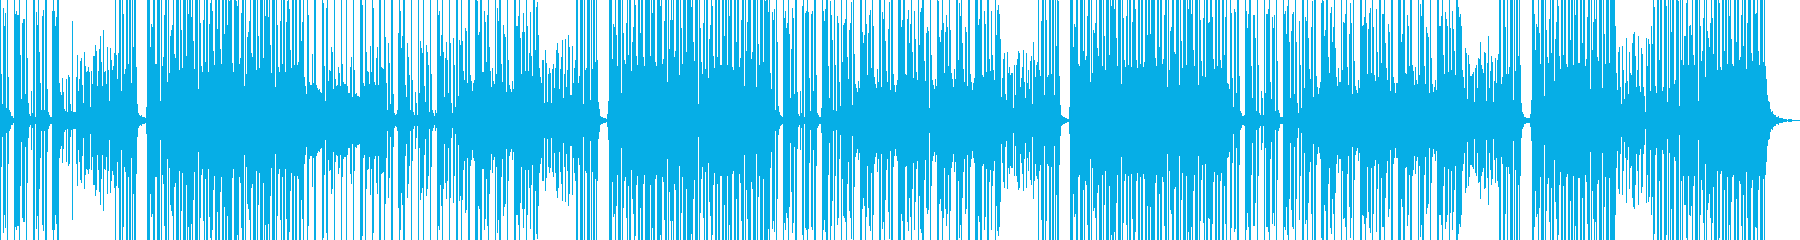 トラップ ヒップホップ R&B ス...の再生済みの波形